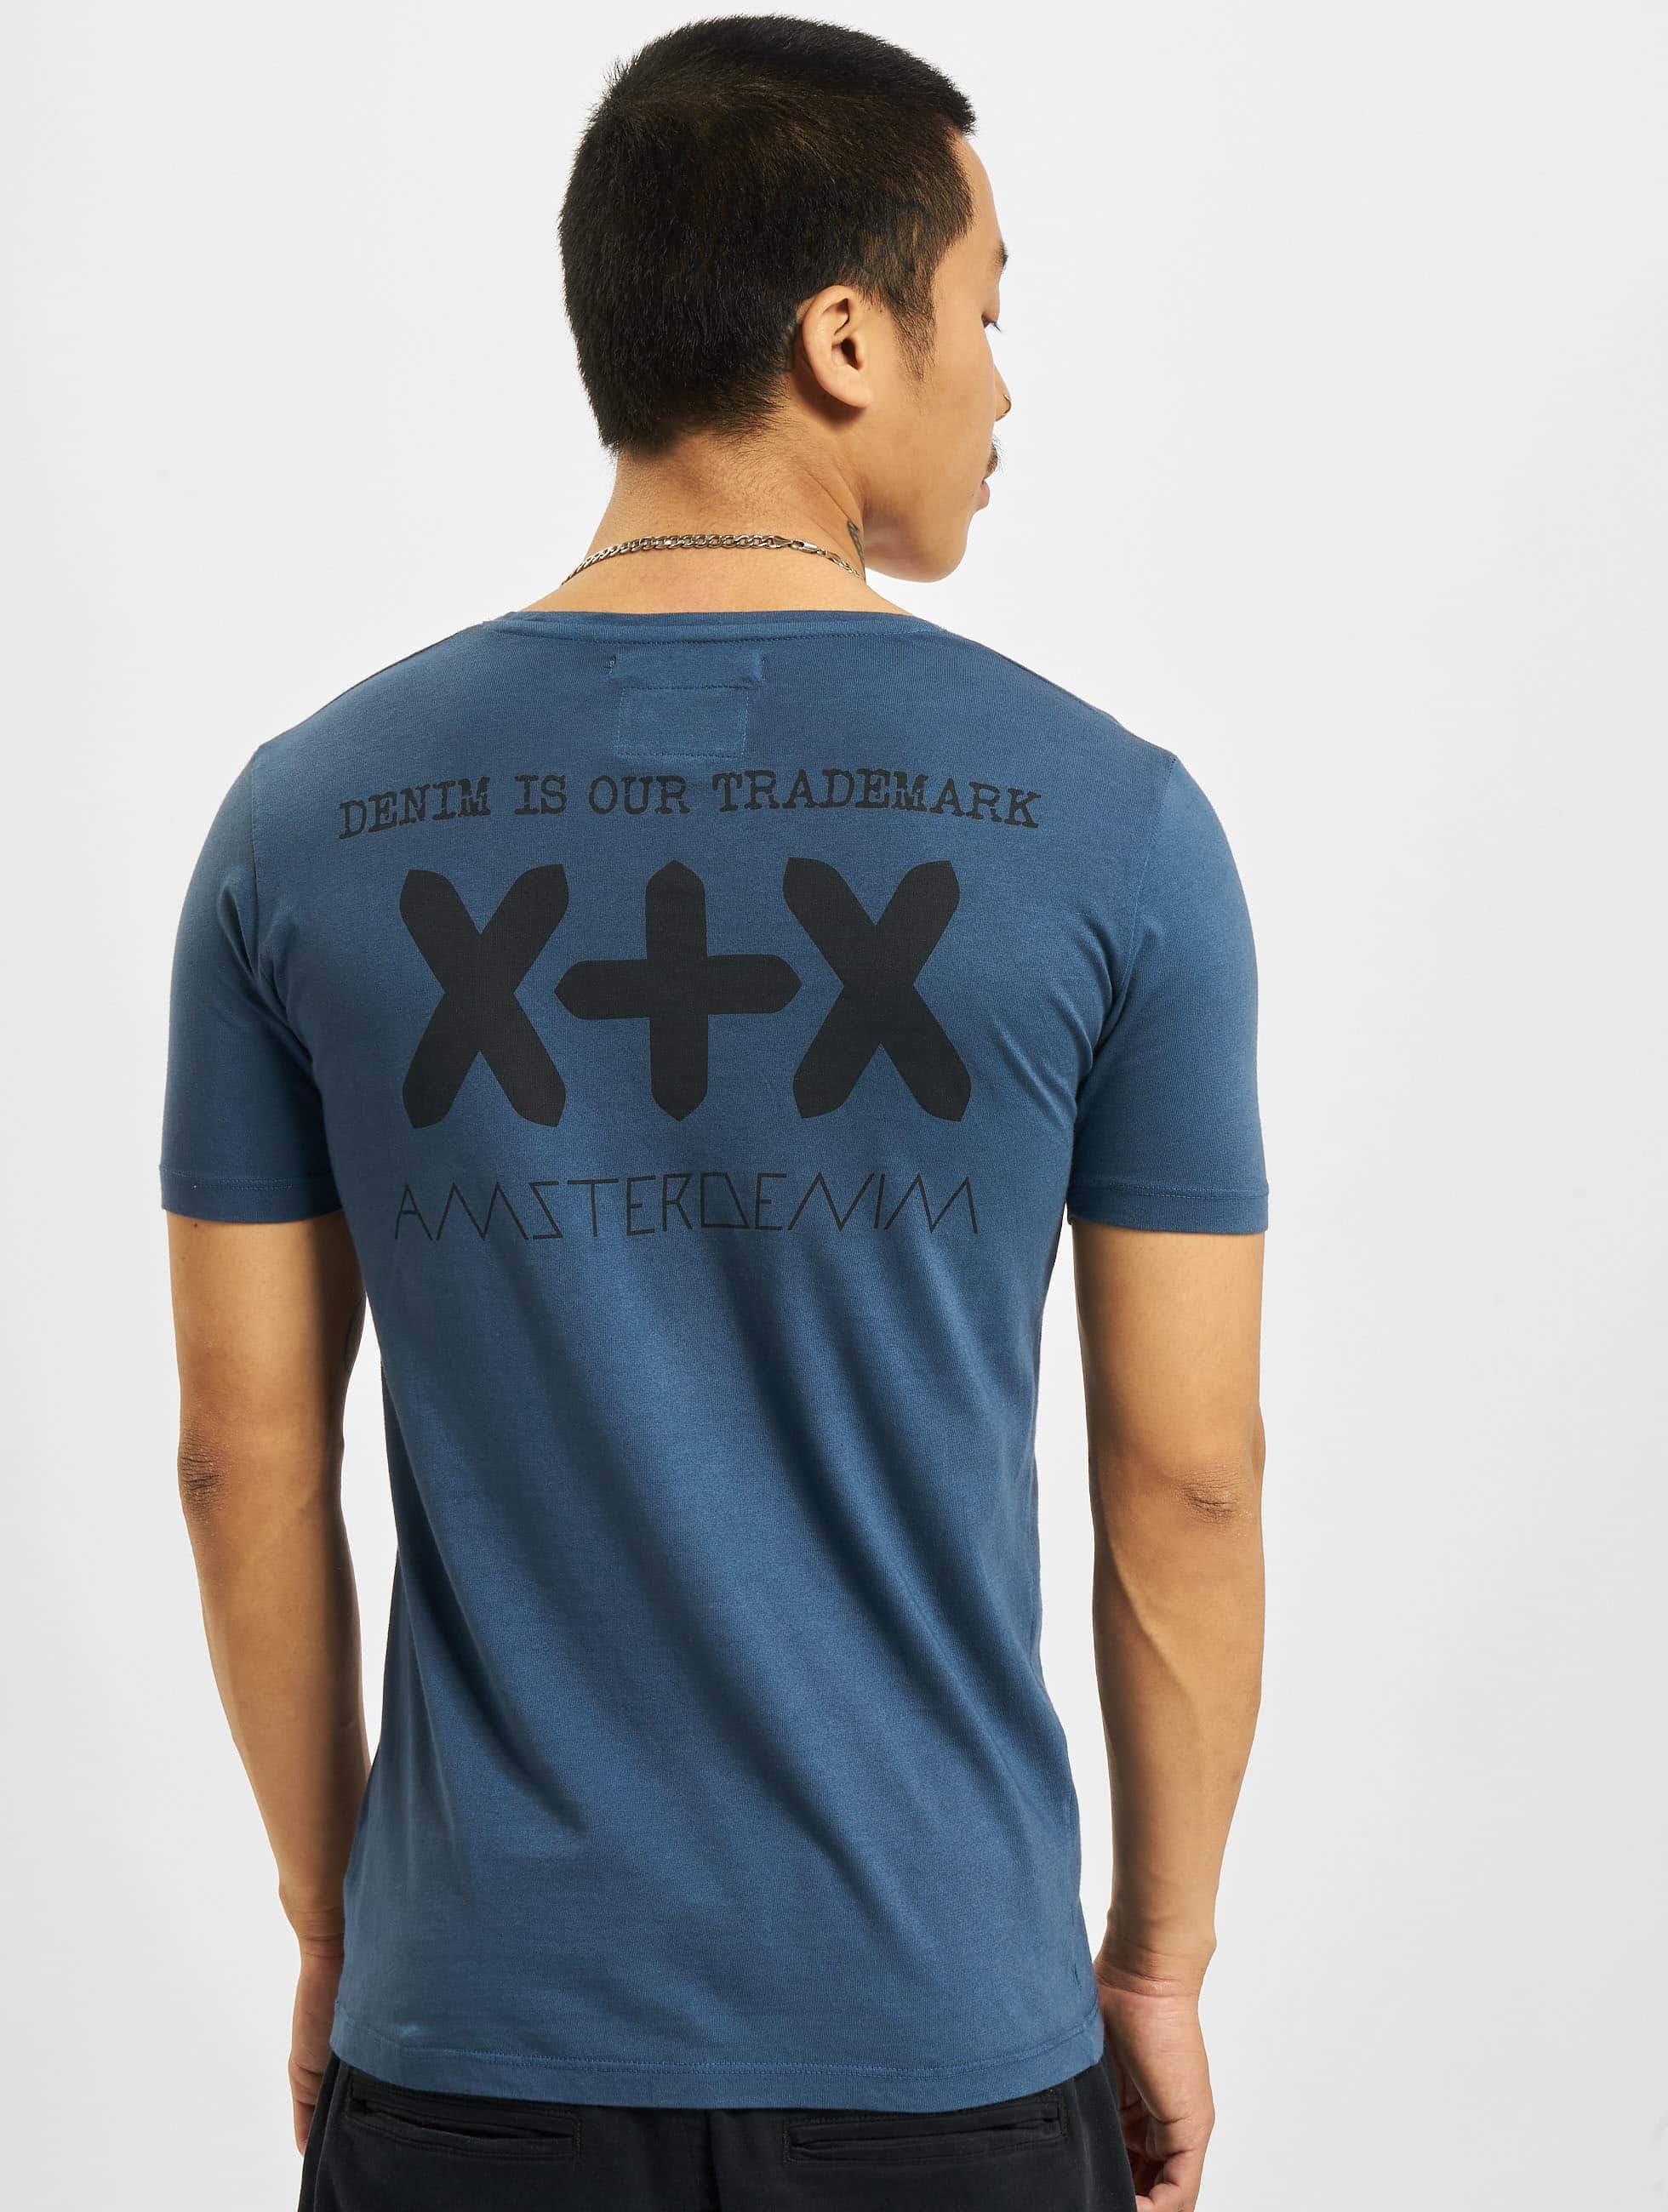 Amsterdenim | Vin bleu Homme T-Shirt